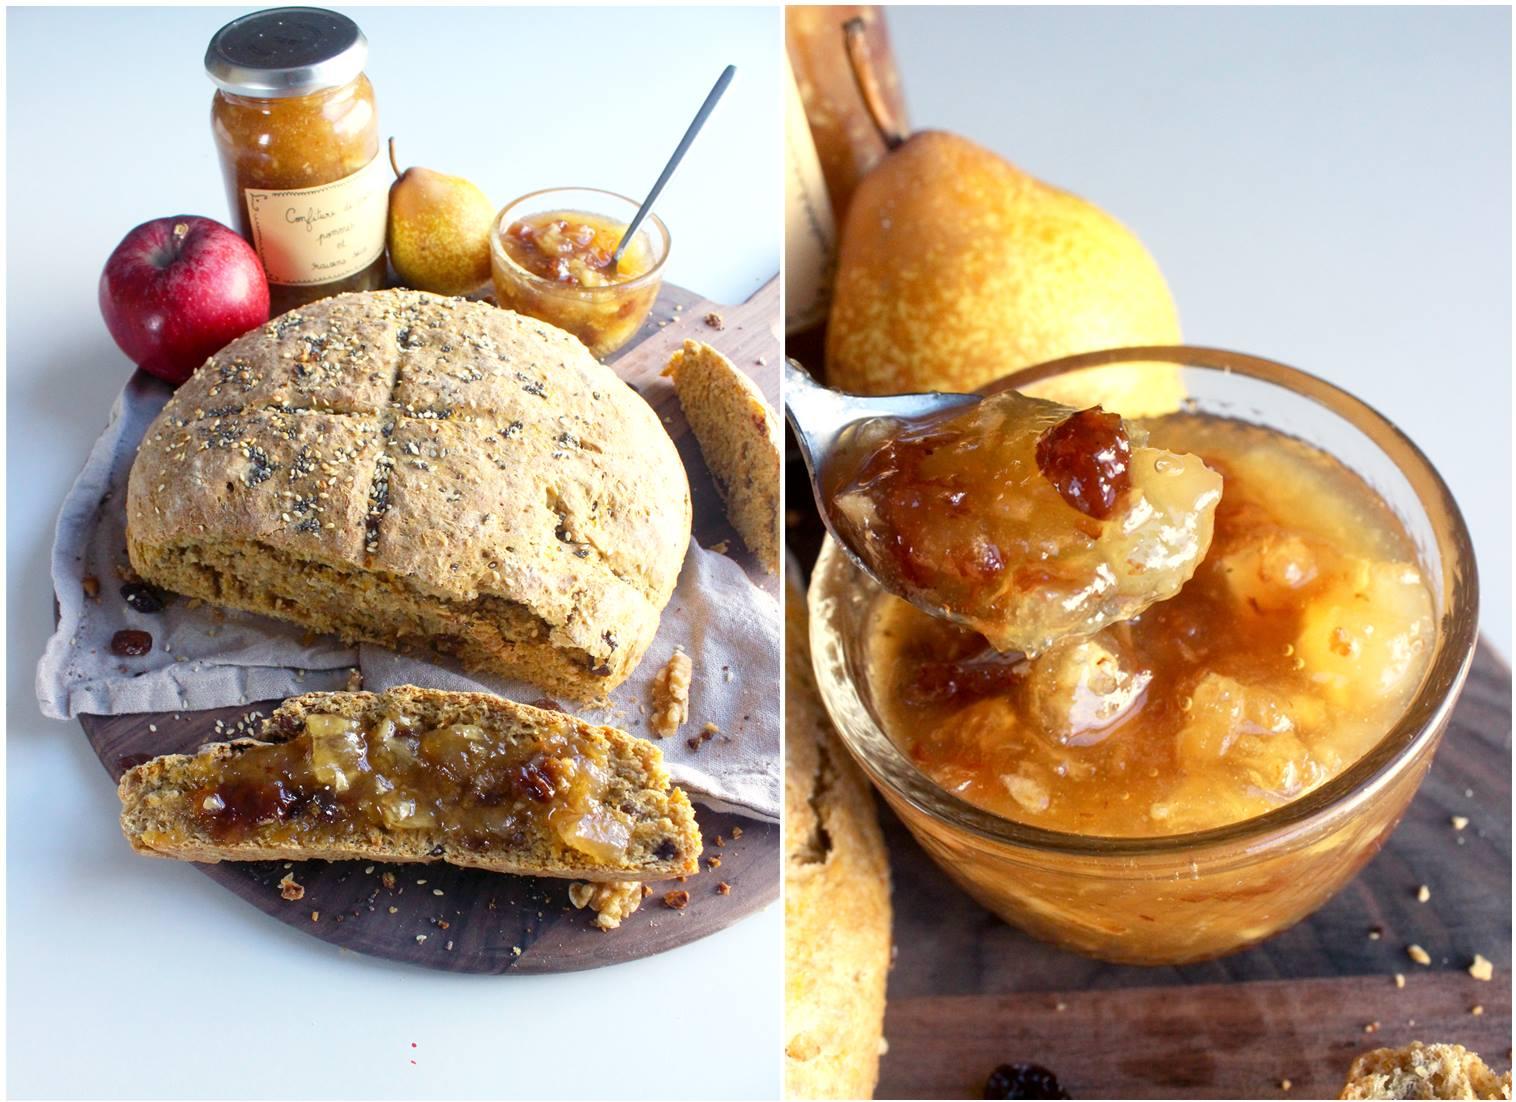 Pain à la carotte, noix et petites graines et sa confiture de poires, pommes et raisins secs